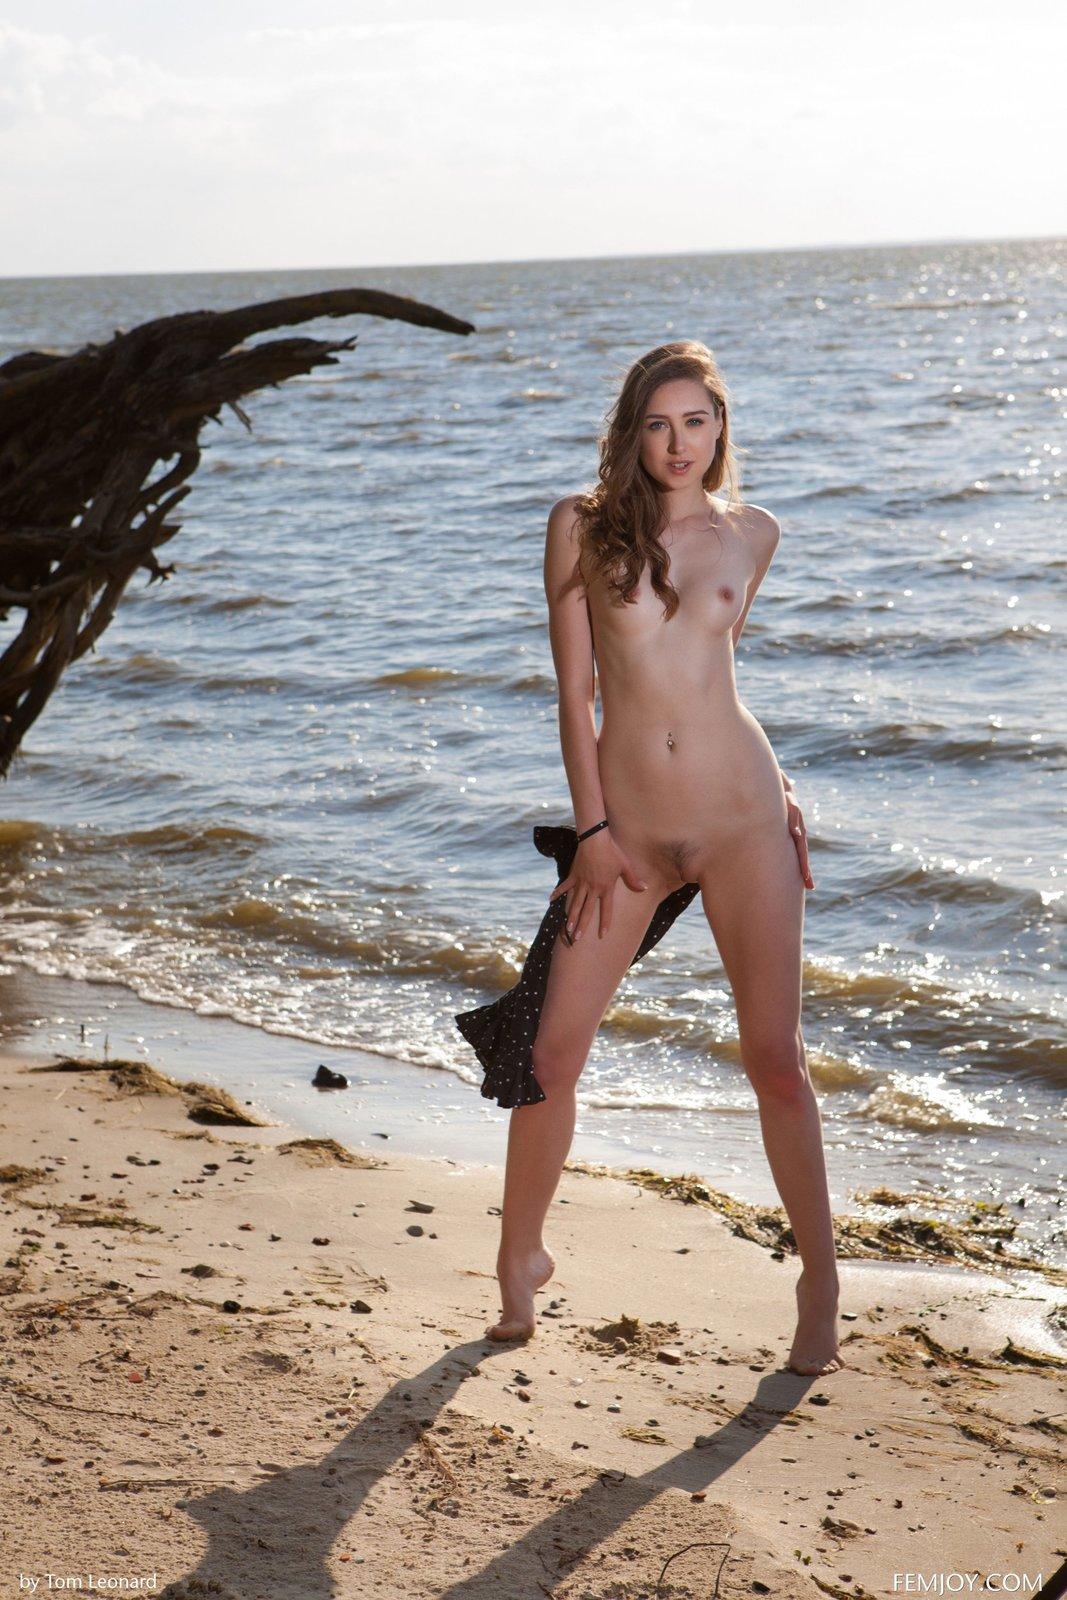 Zdjęcie porno - 07 1 - Zgrabna laska na plaży